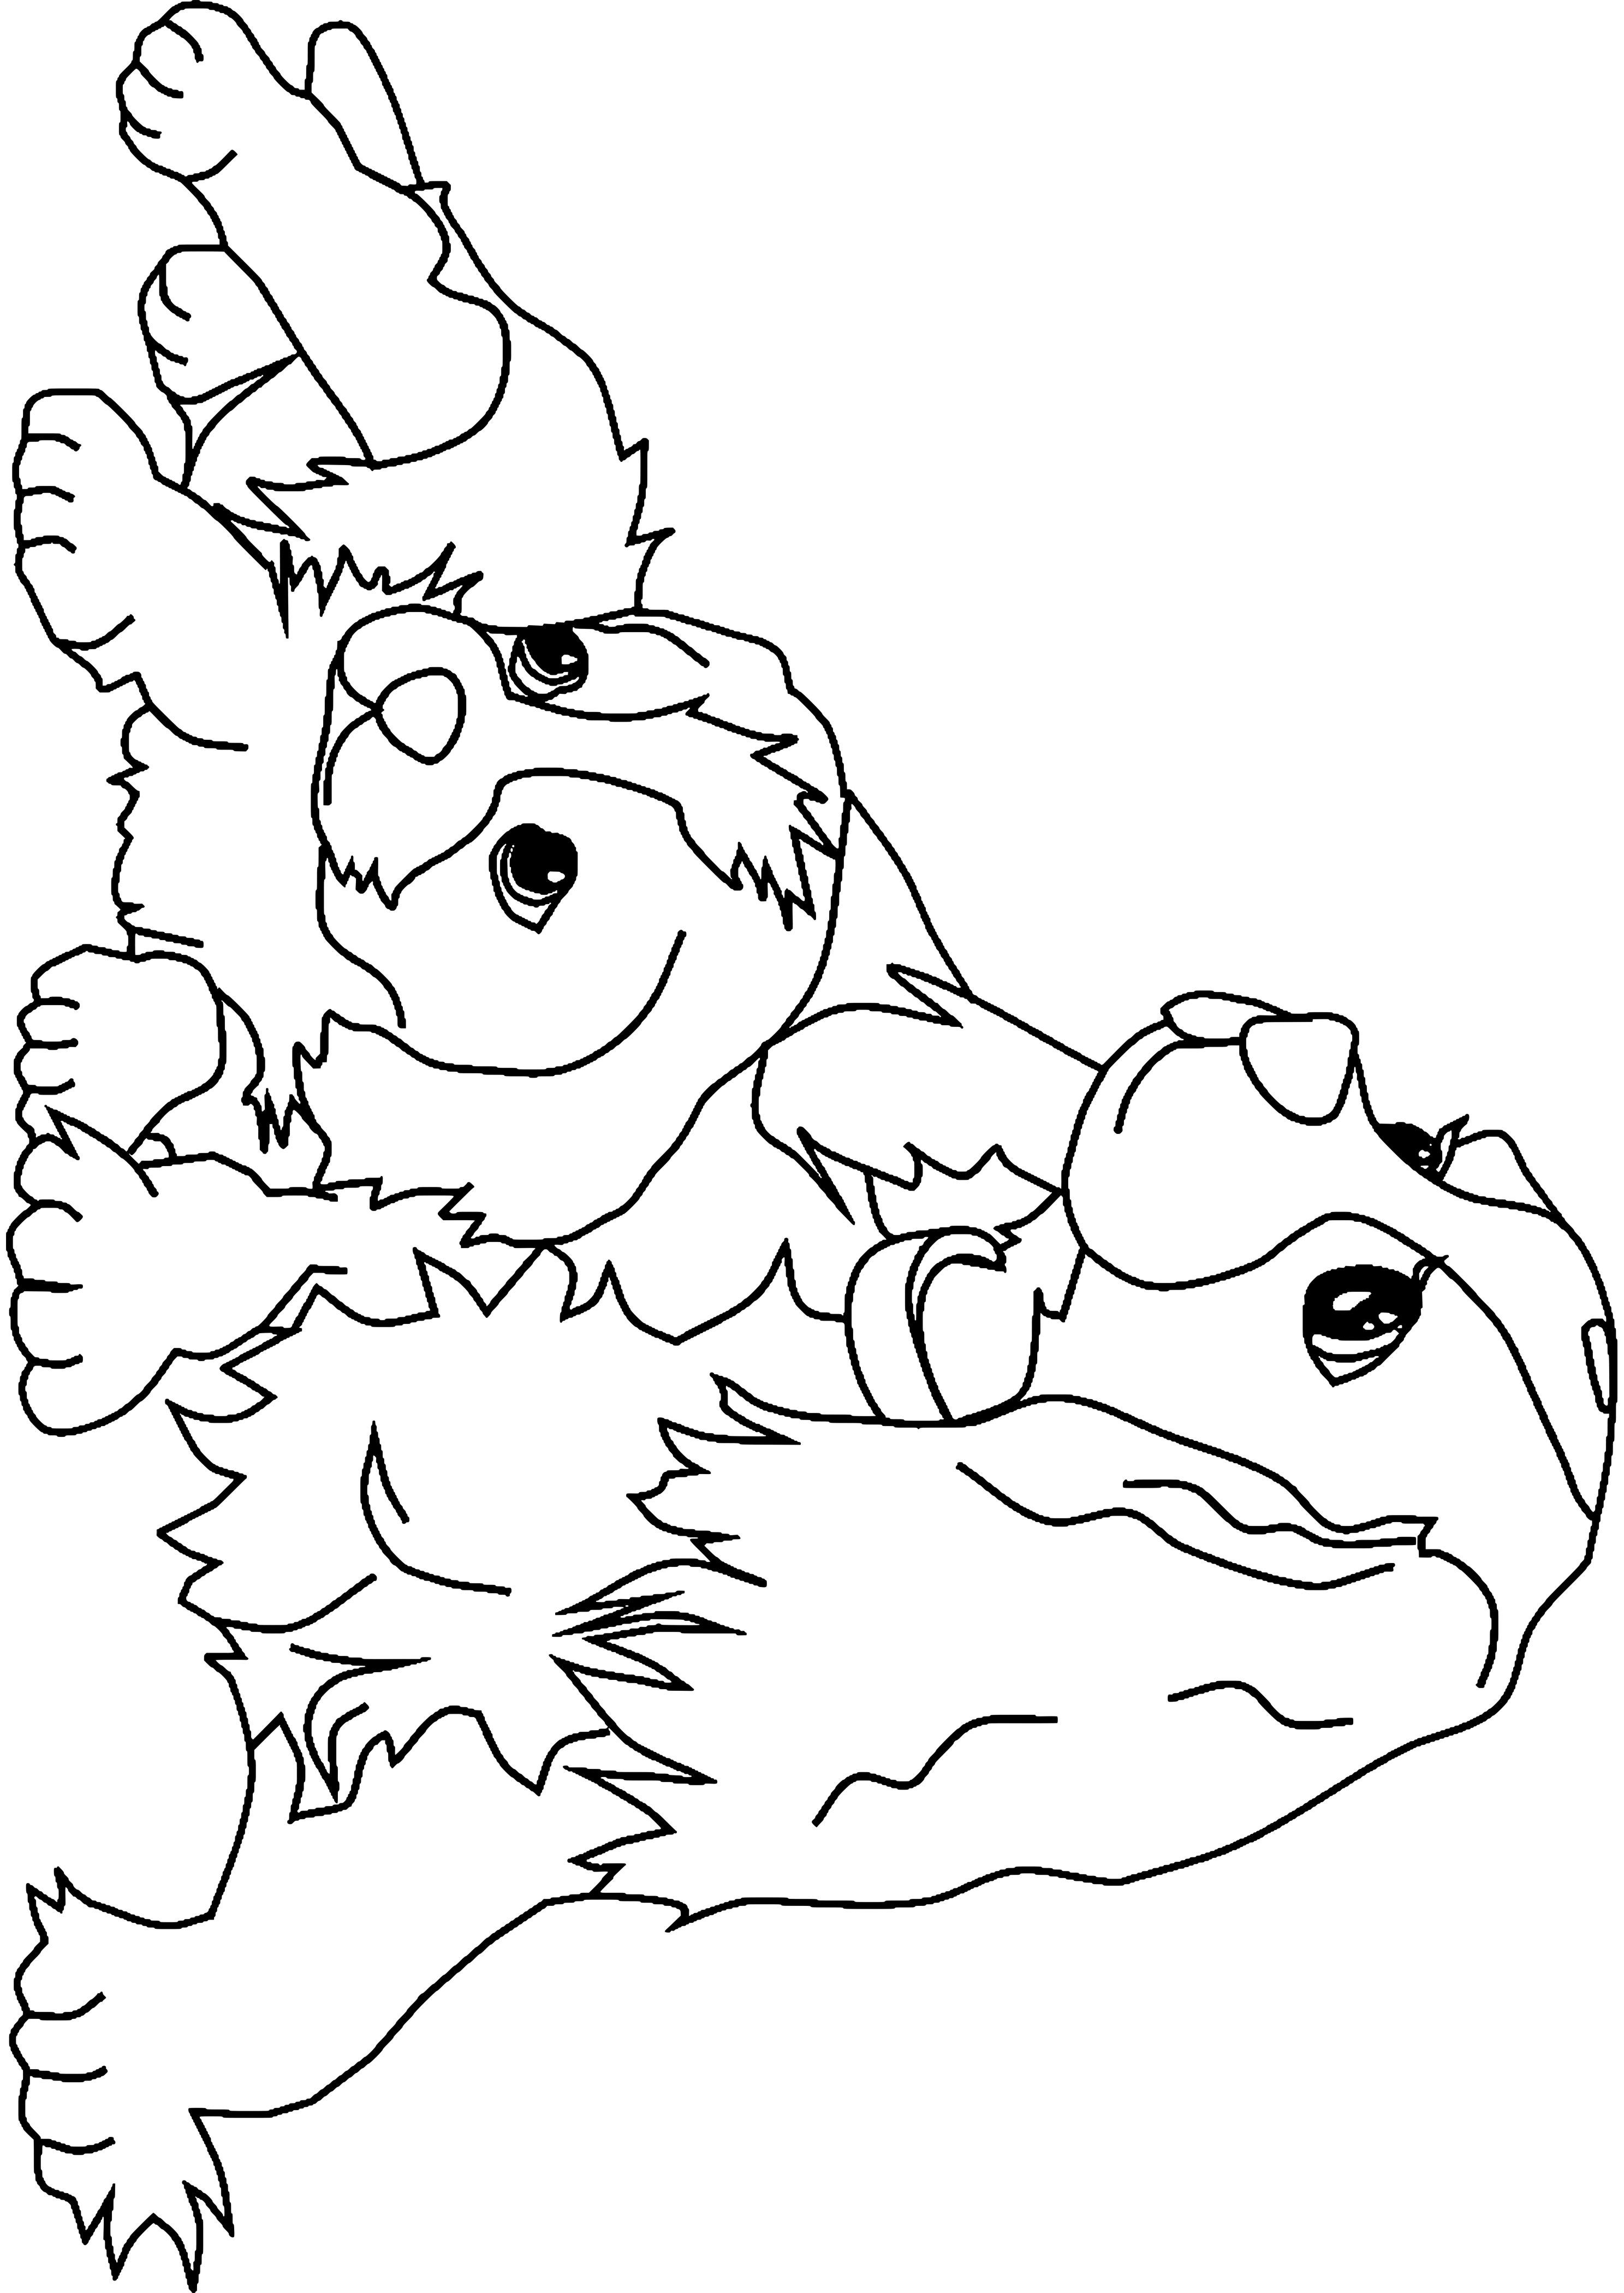 Il meglio di disegni da colorare cani cuccioli chihuahua for Disegni da stampare e colorare di cani